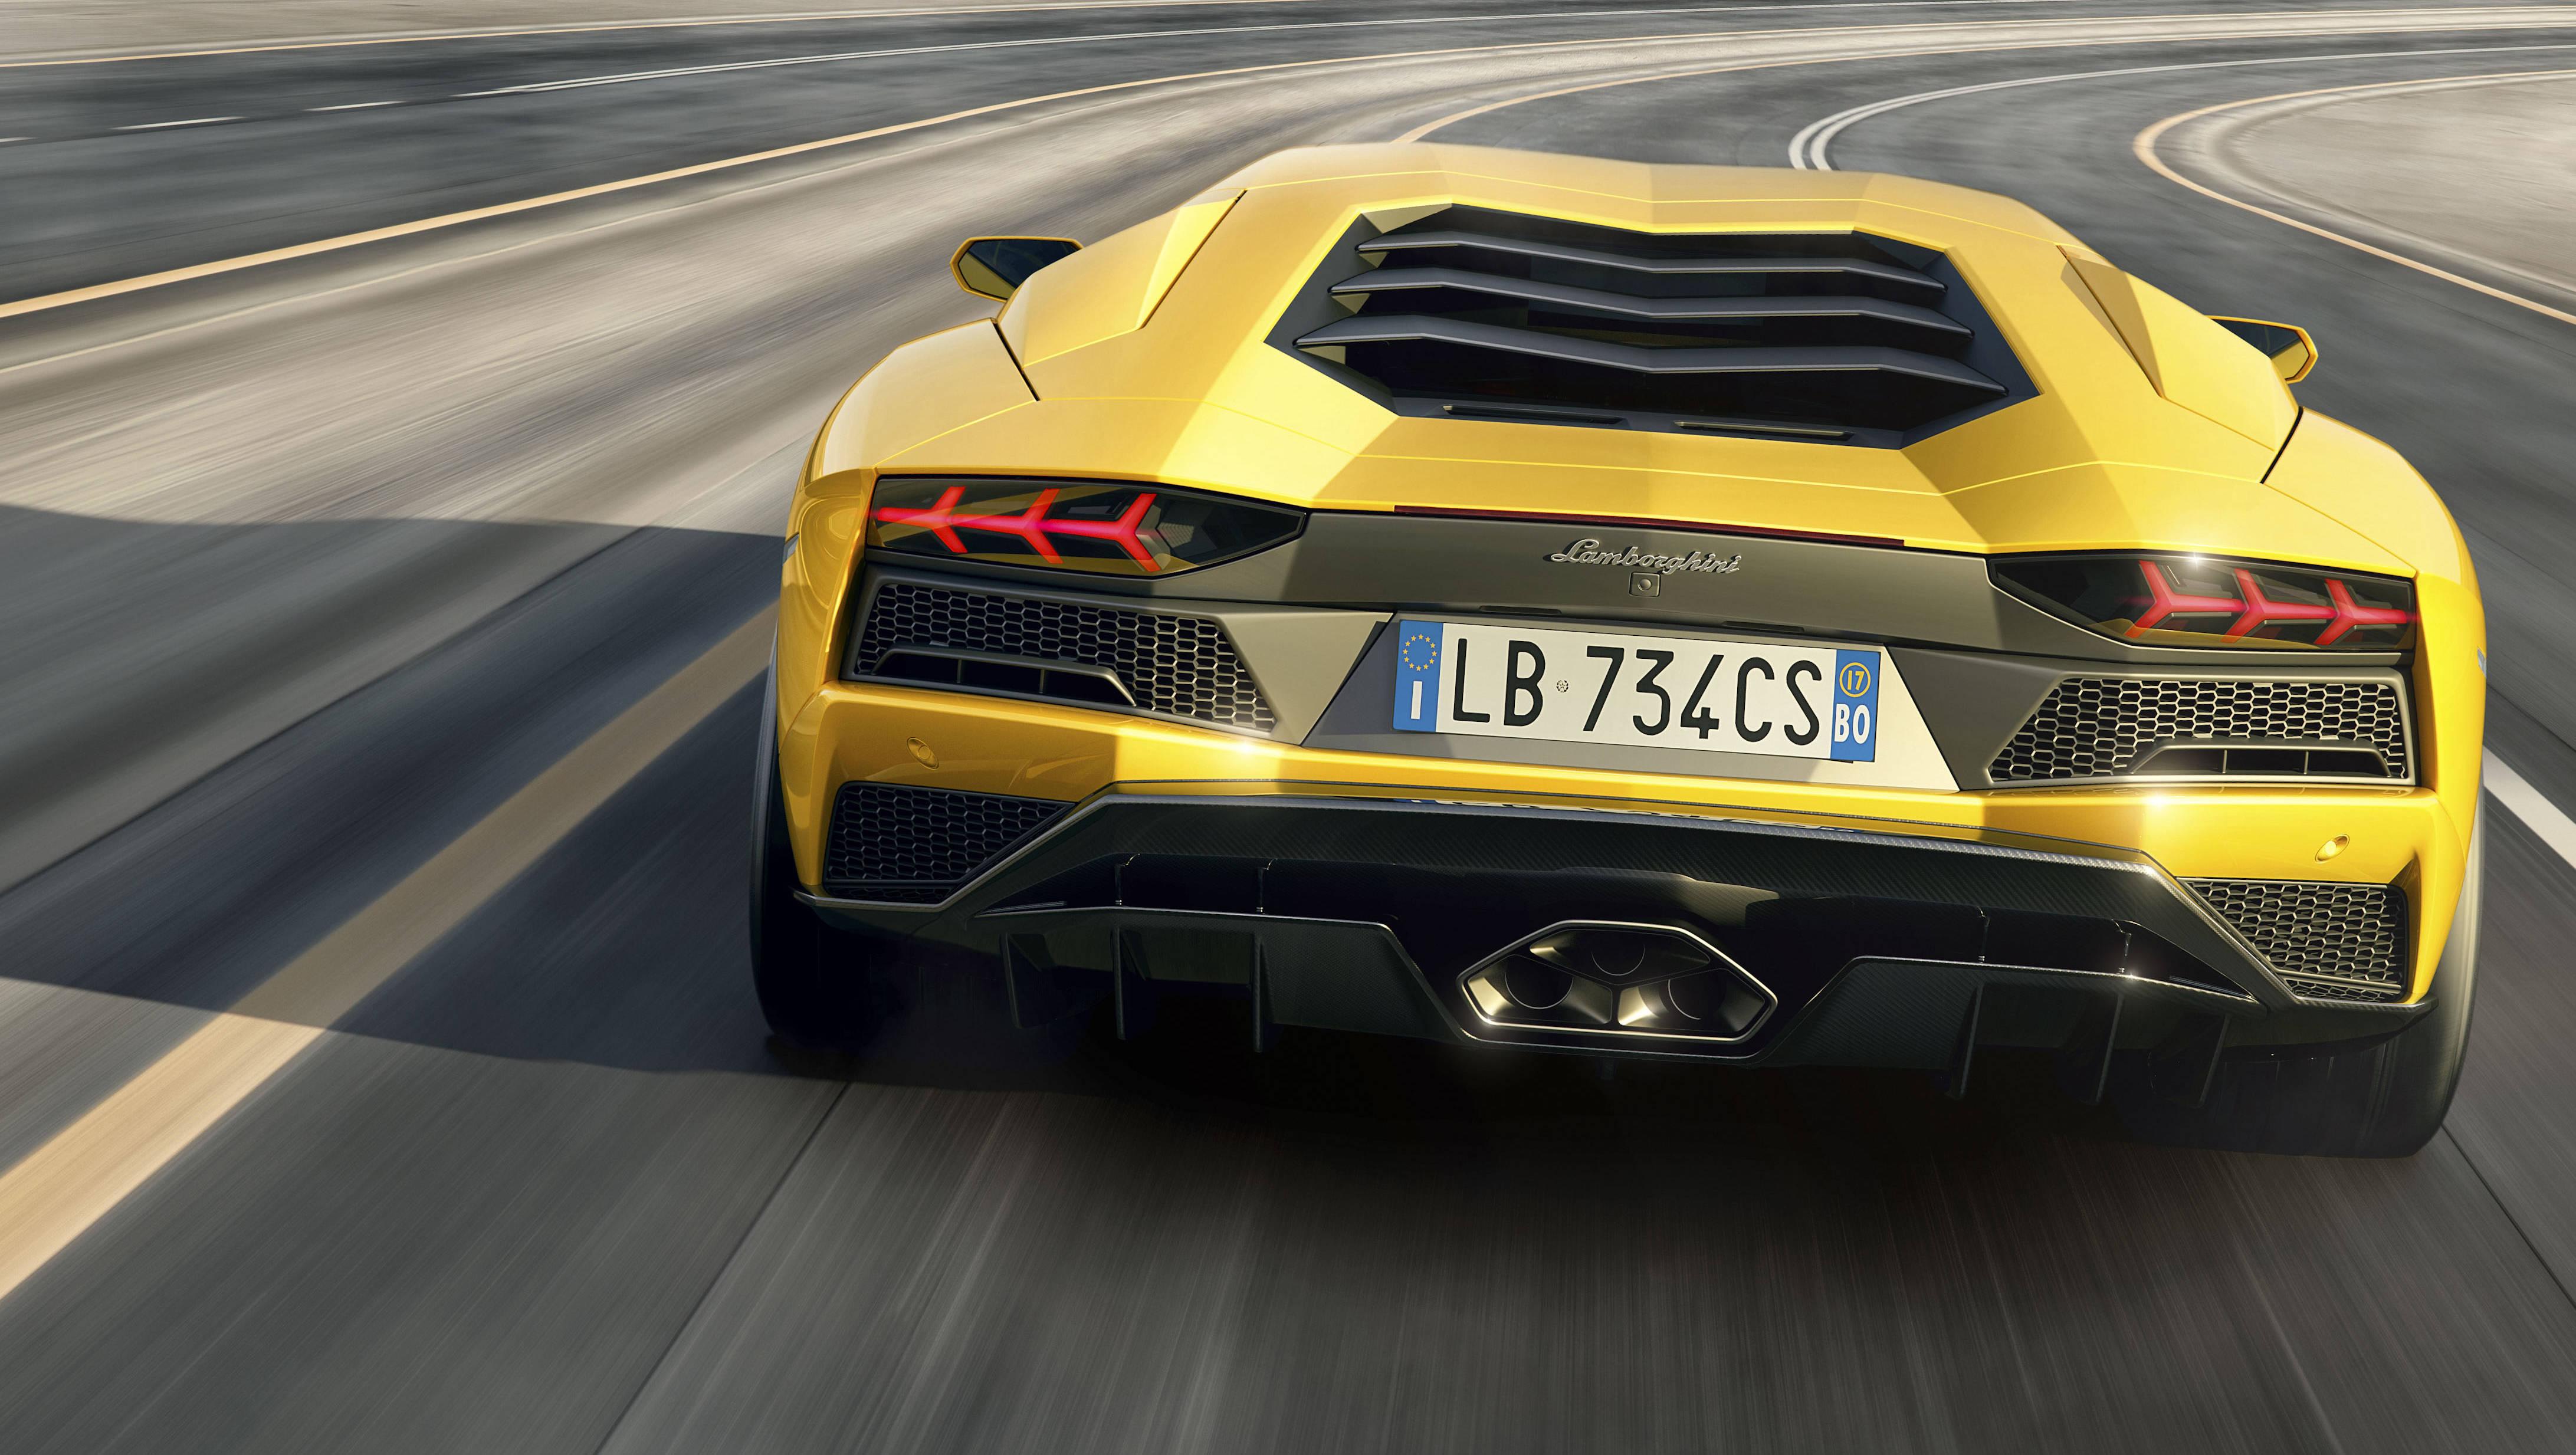 Aventador S rear